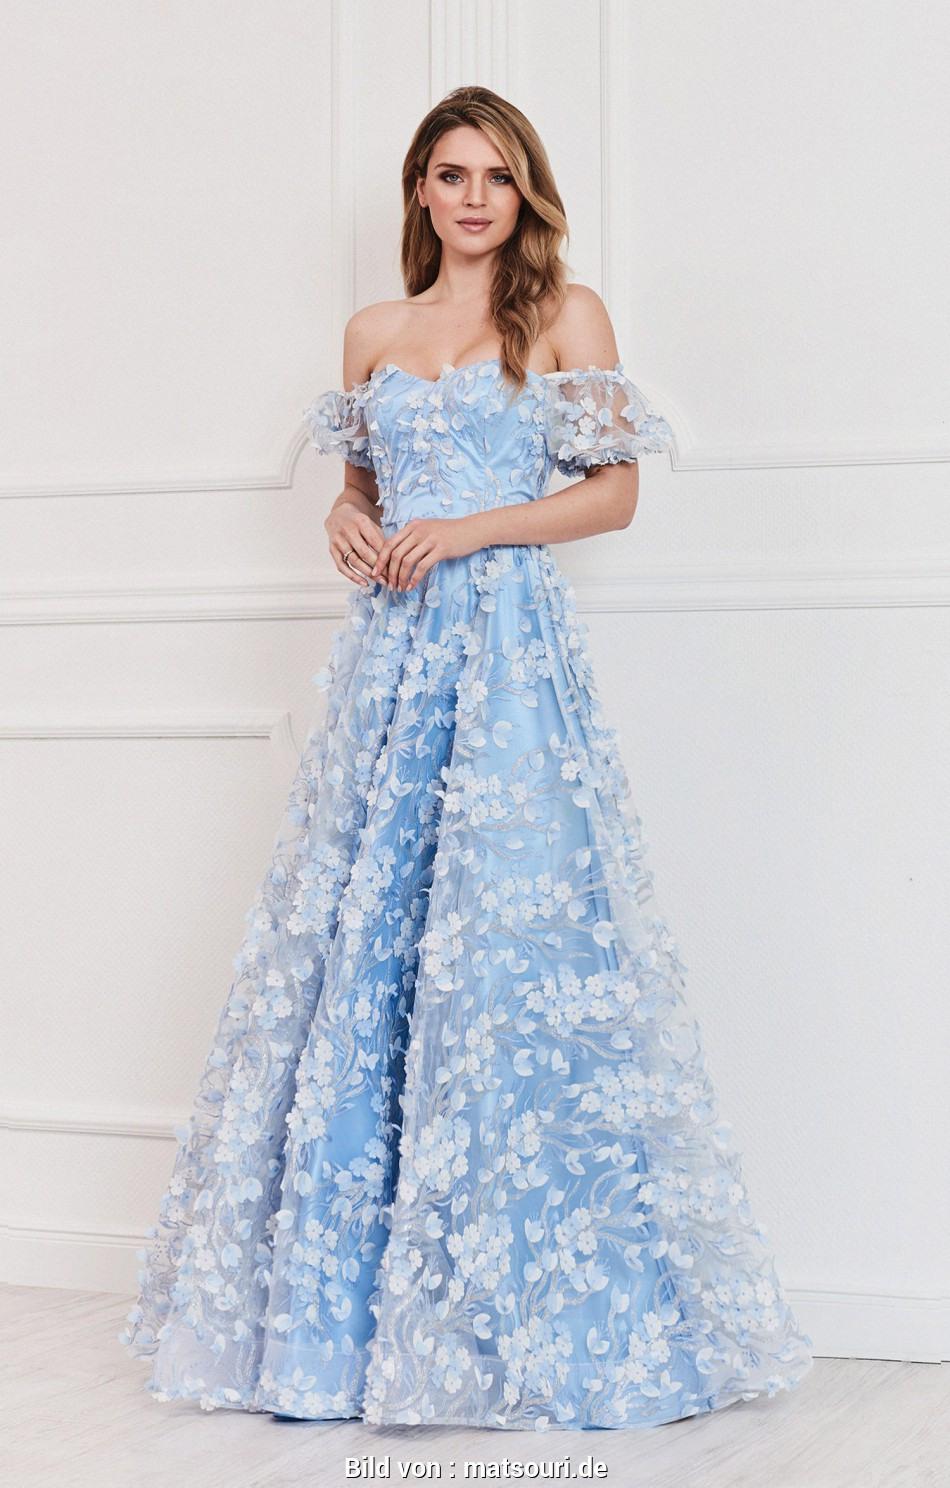 20 Spektakulär Abendkleider Neukölln BoutiqueFormal Großartig Abendkleider Neukölln Stylish